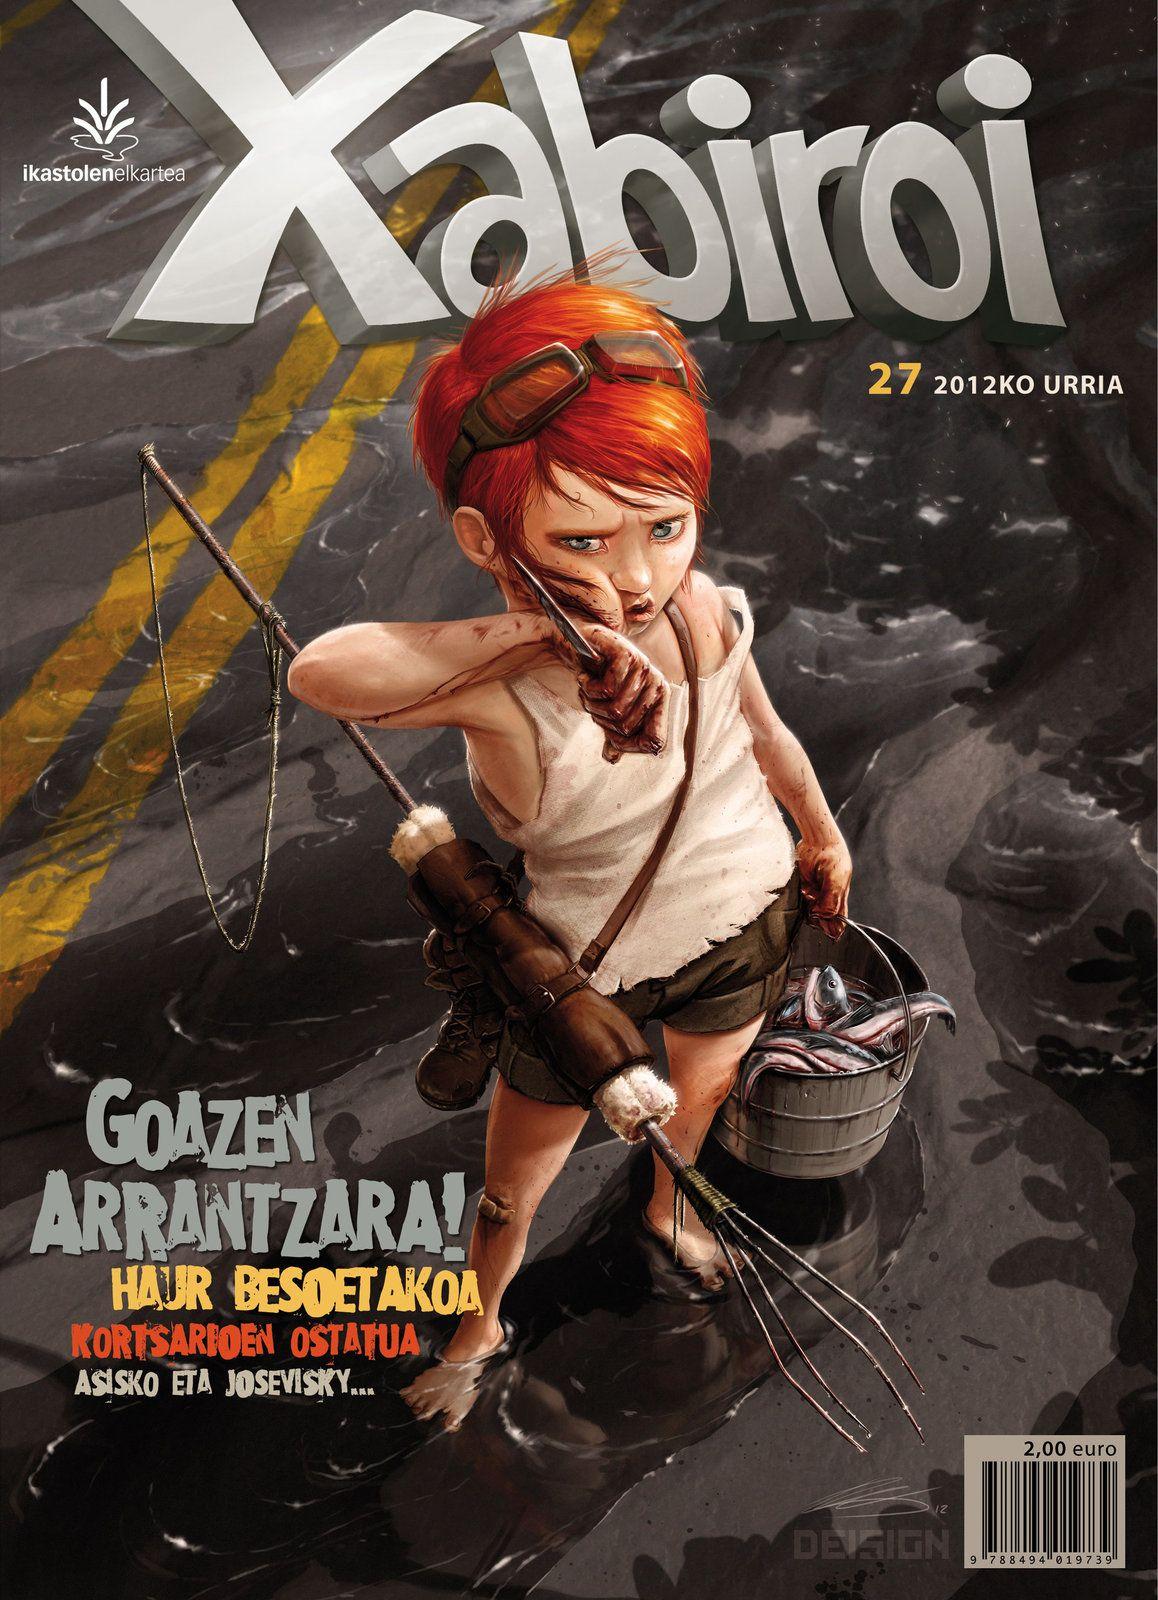 Post Apocalyptic Kid #2 | Magazine Cover, Dei G. on ArtStation at http://www.artstation.com/artwork/post-apocalyptic-kid-2-magazine-cover